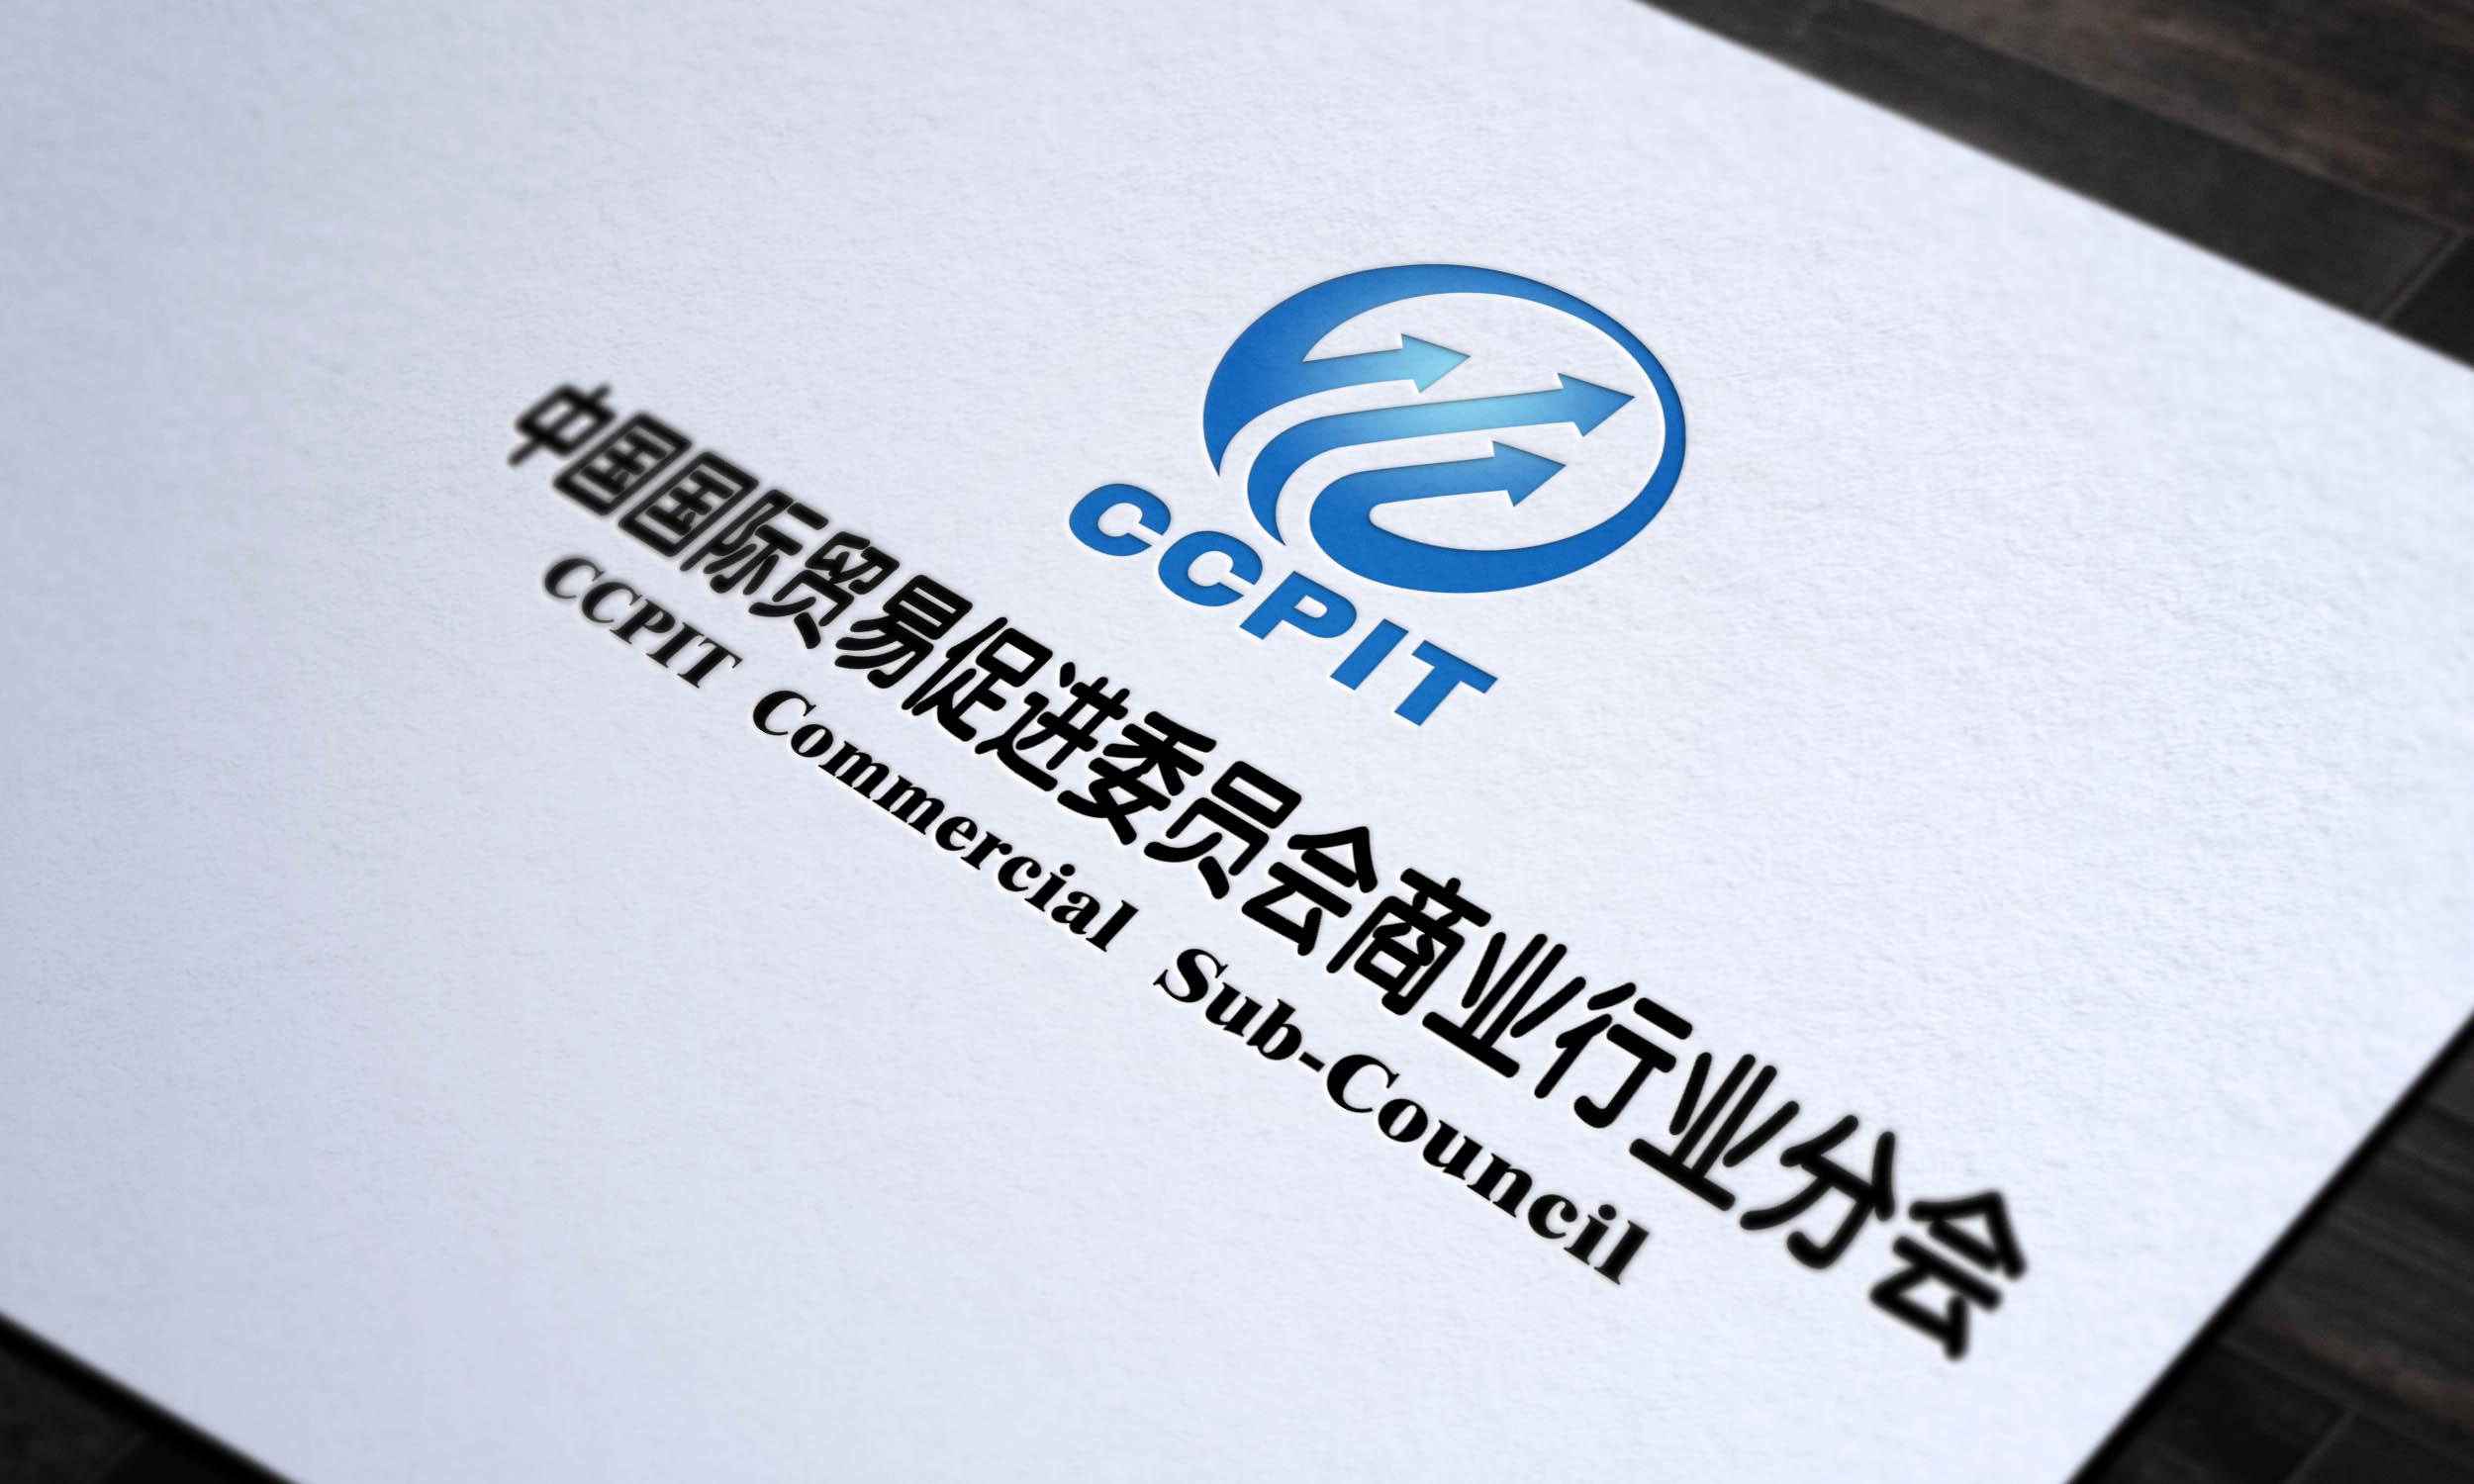 中国贸促会商业行业分会30周年logo_2958519_k68威客网